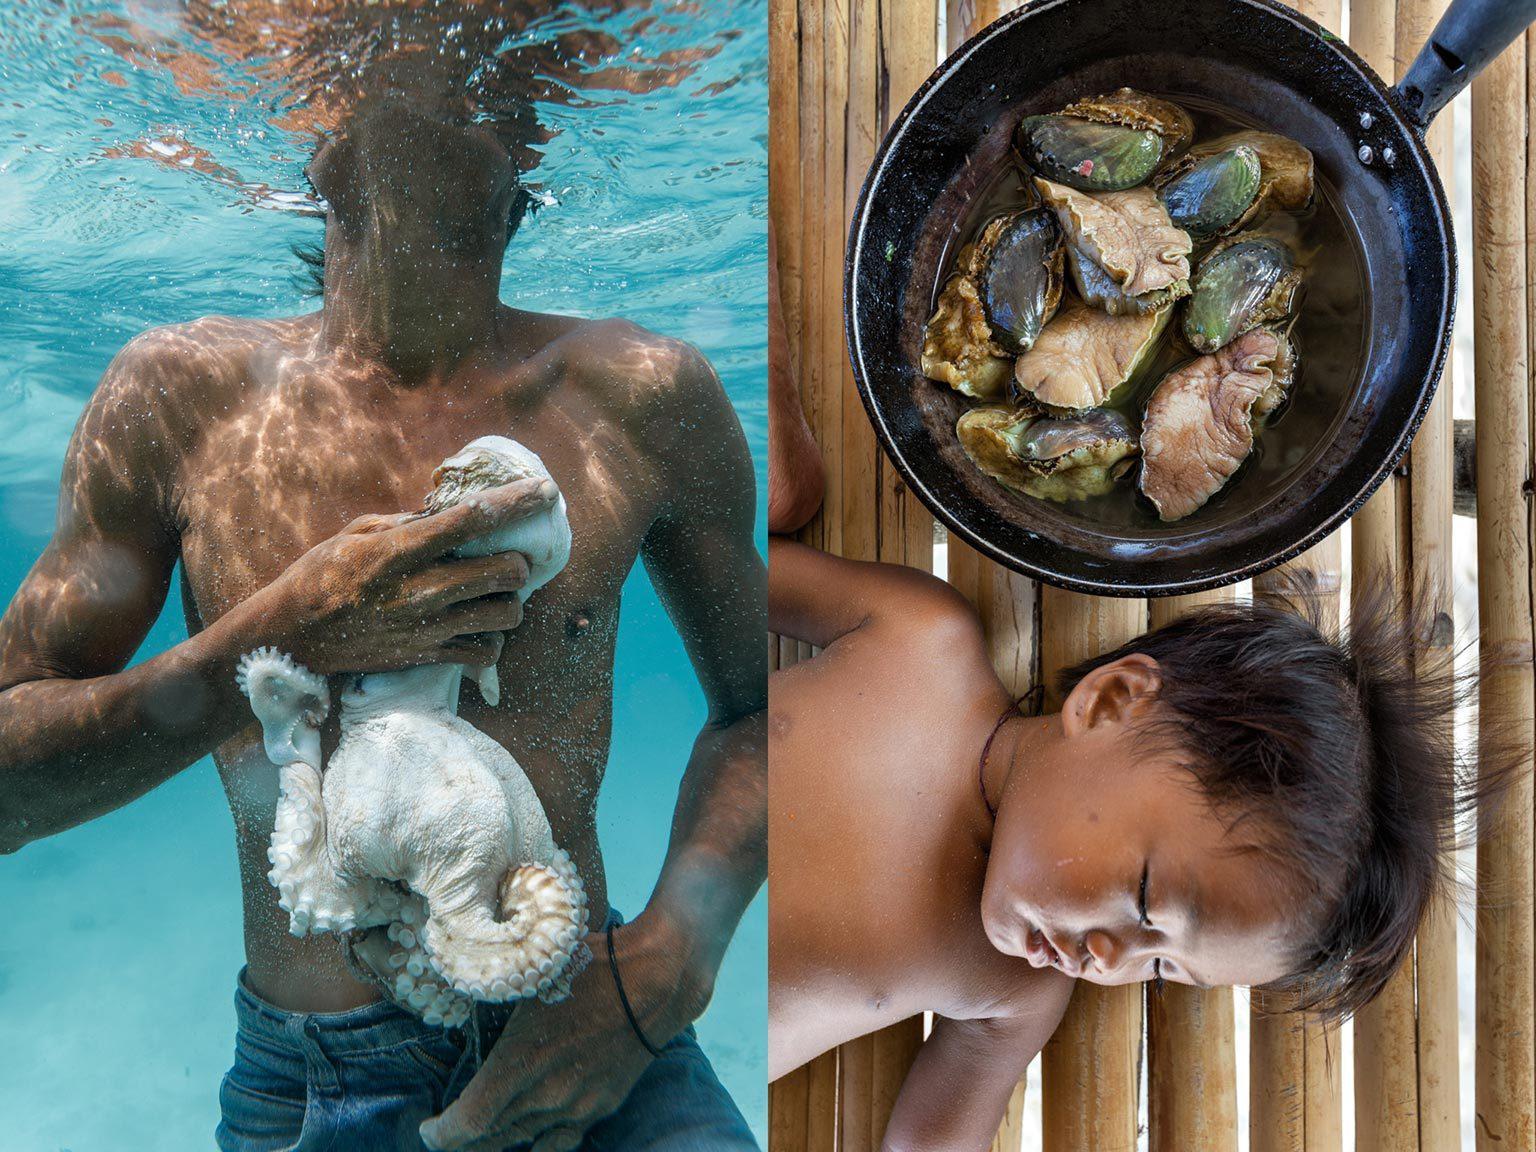 吃肉?吃素?如果人类像祖先那样饮食更健康吗?